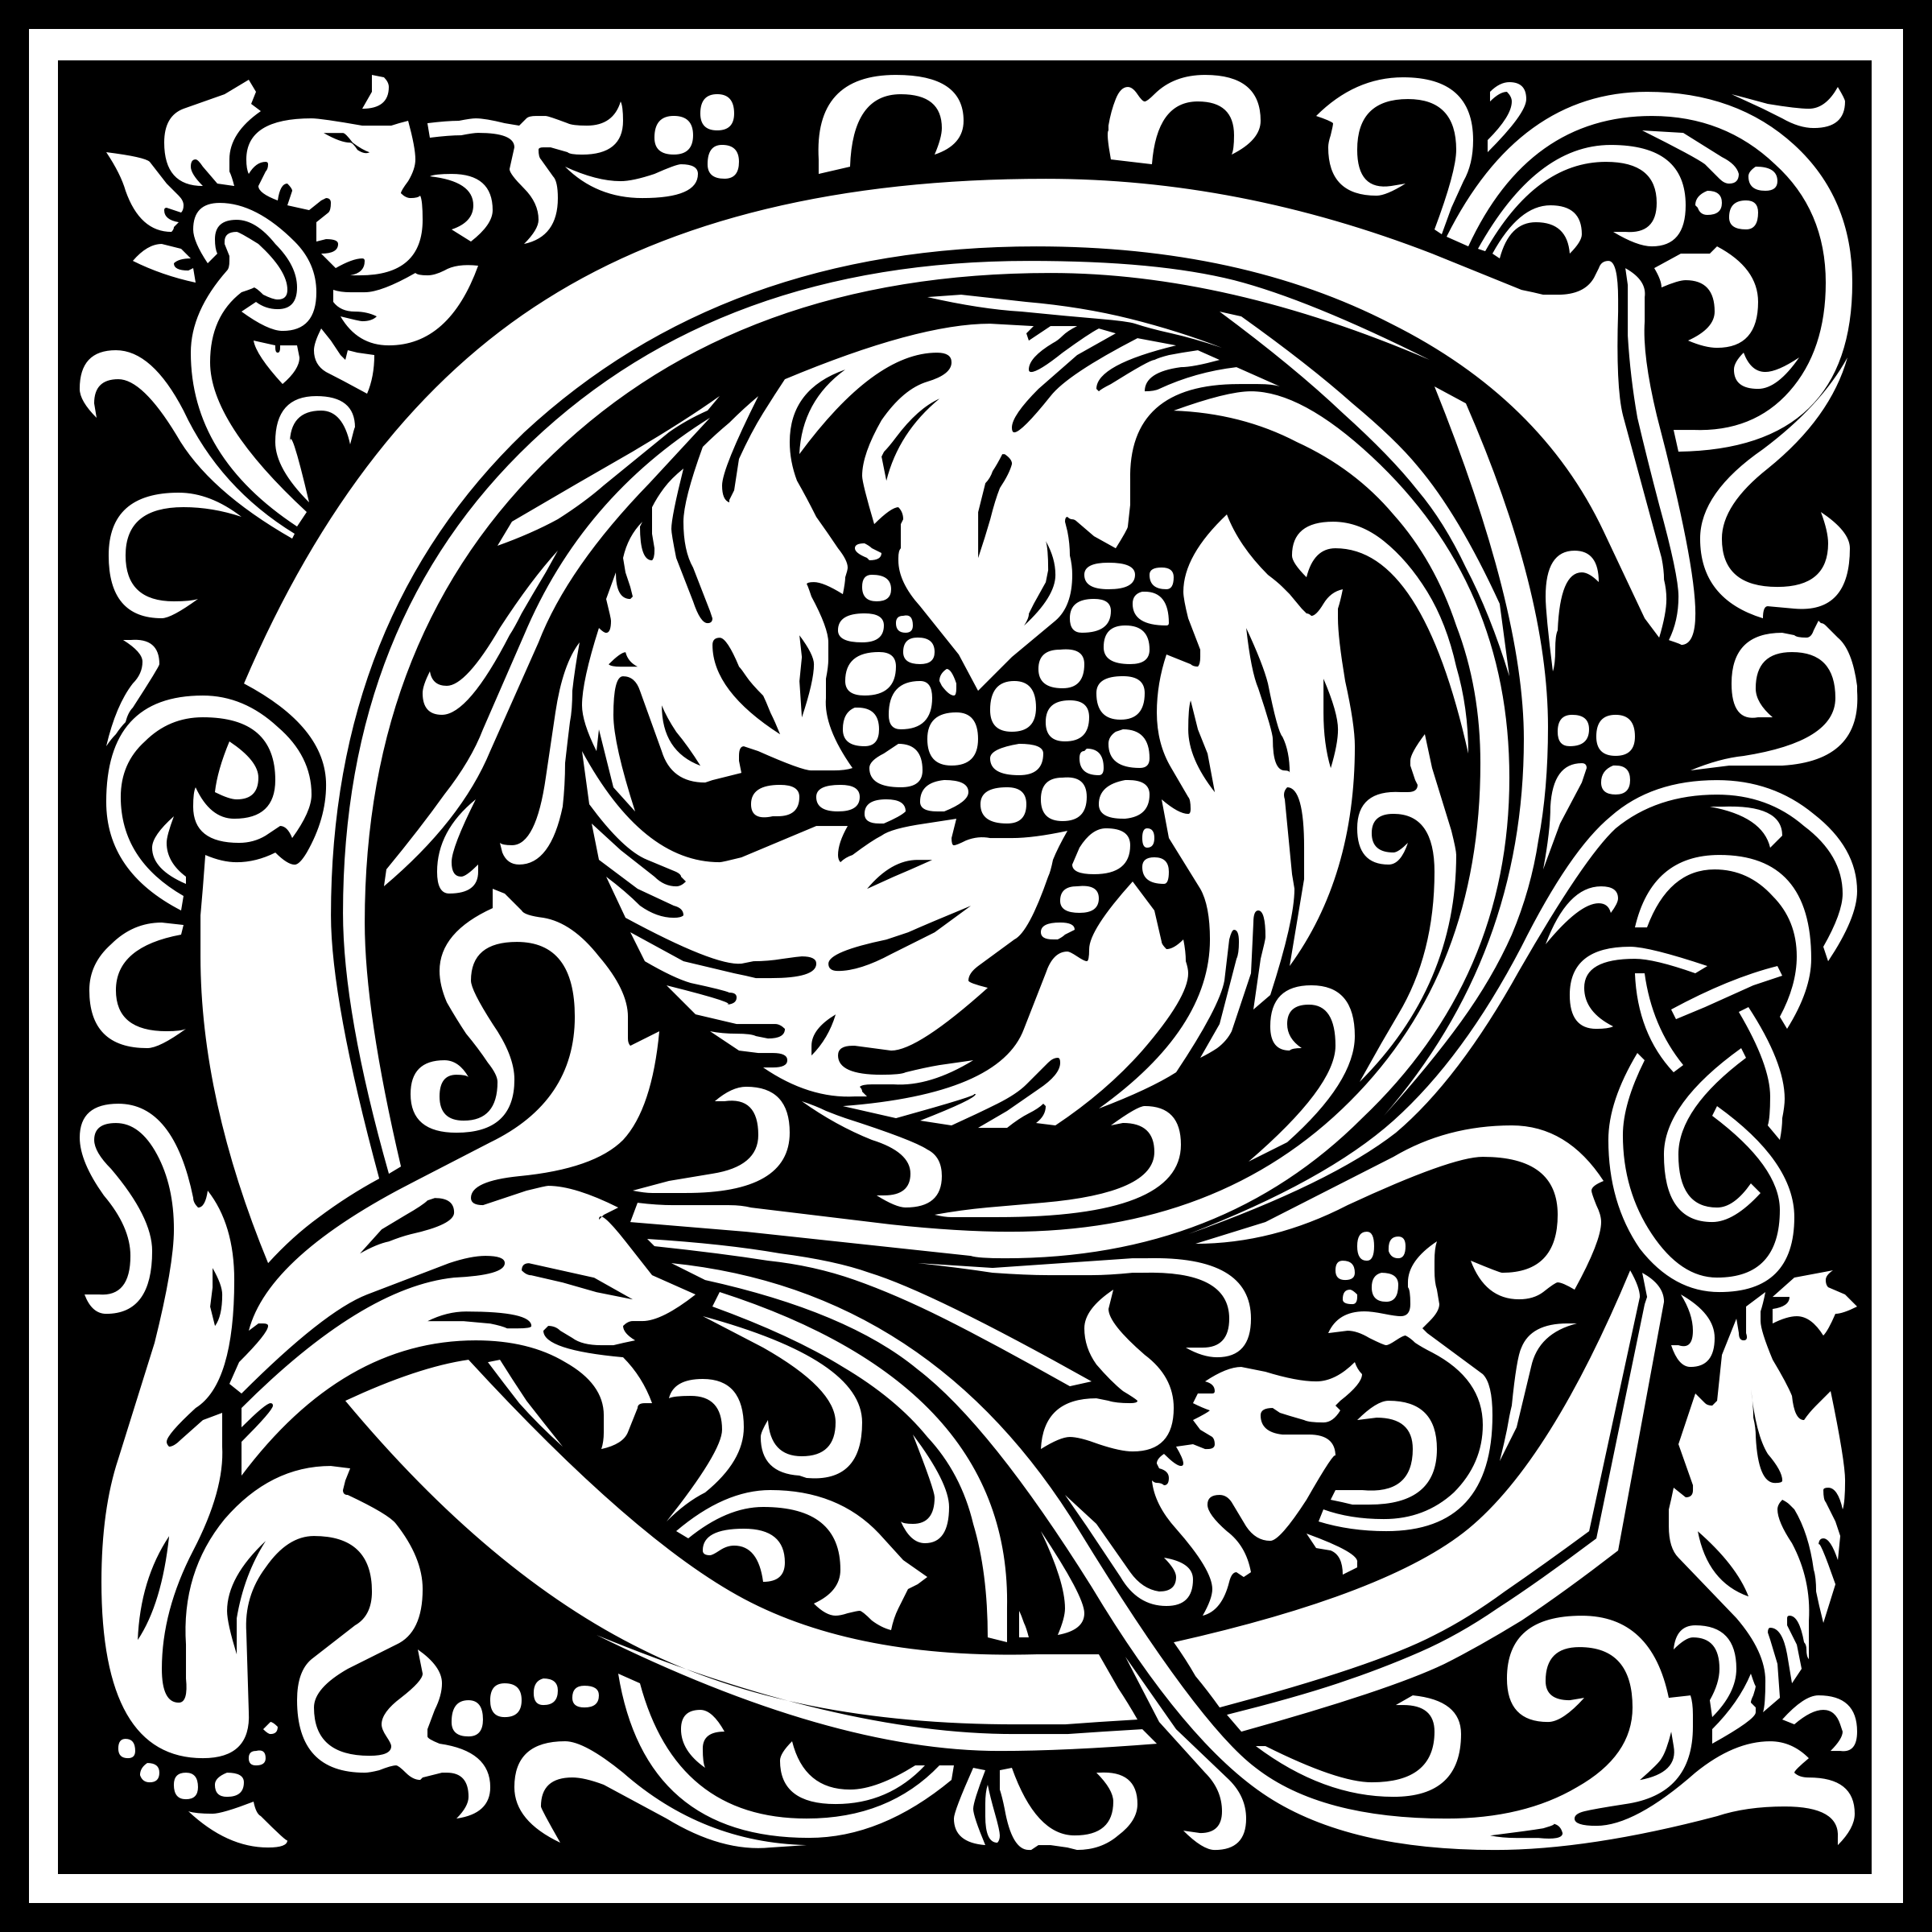 Clipart - William Morris Letter C